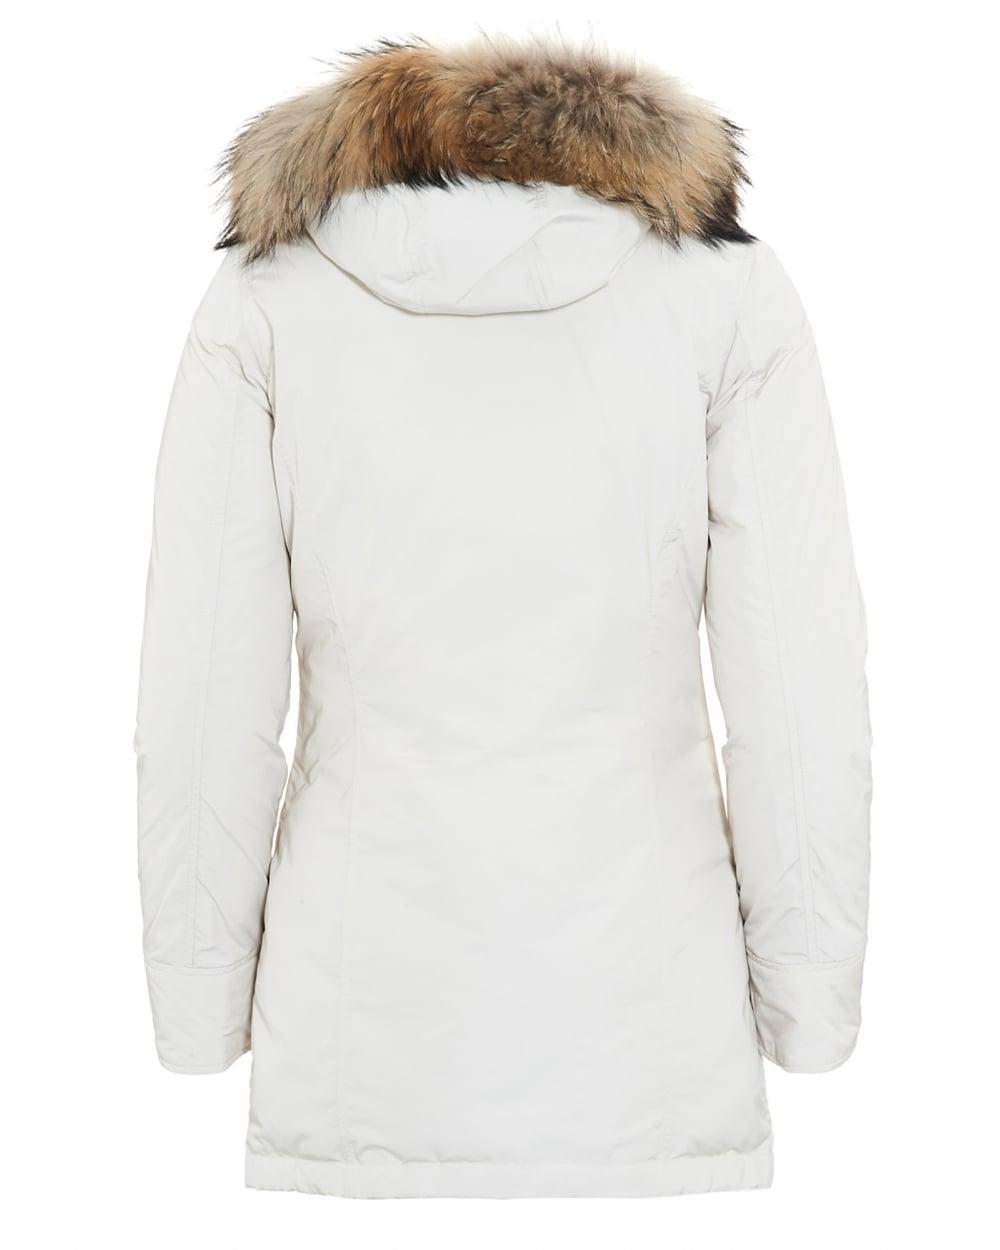 Woolrich Womens Lux Arctic Frozen White Parka Coat